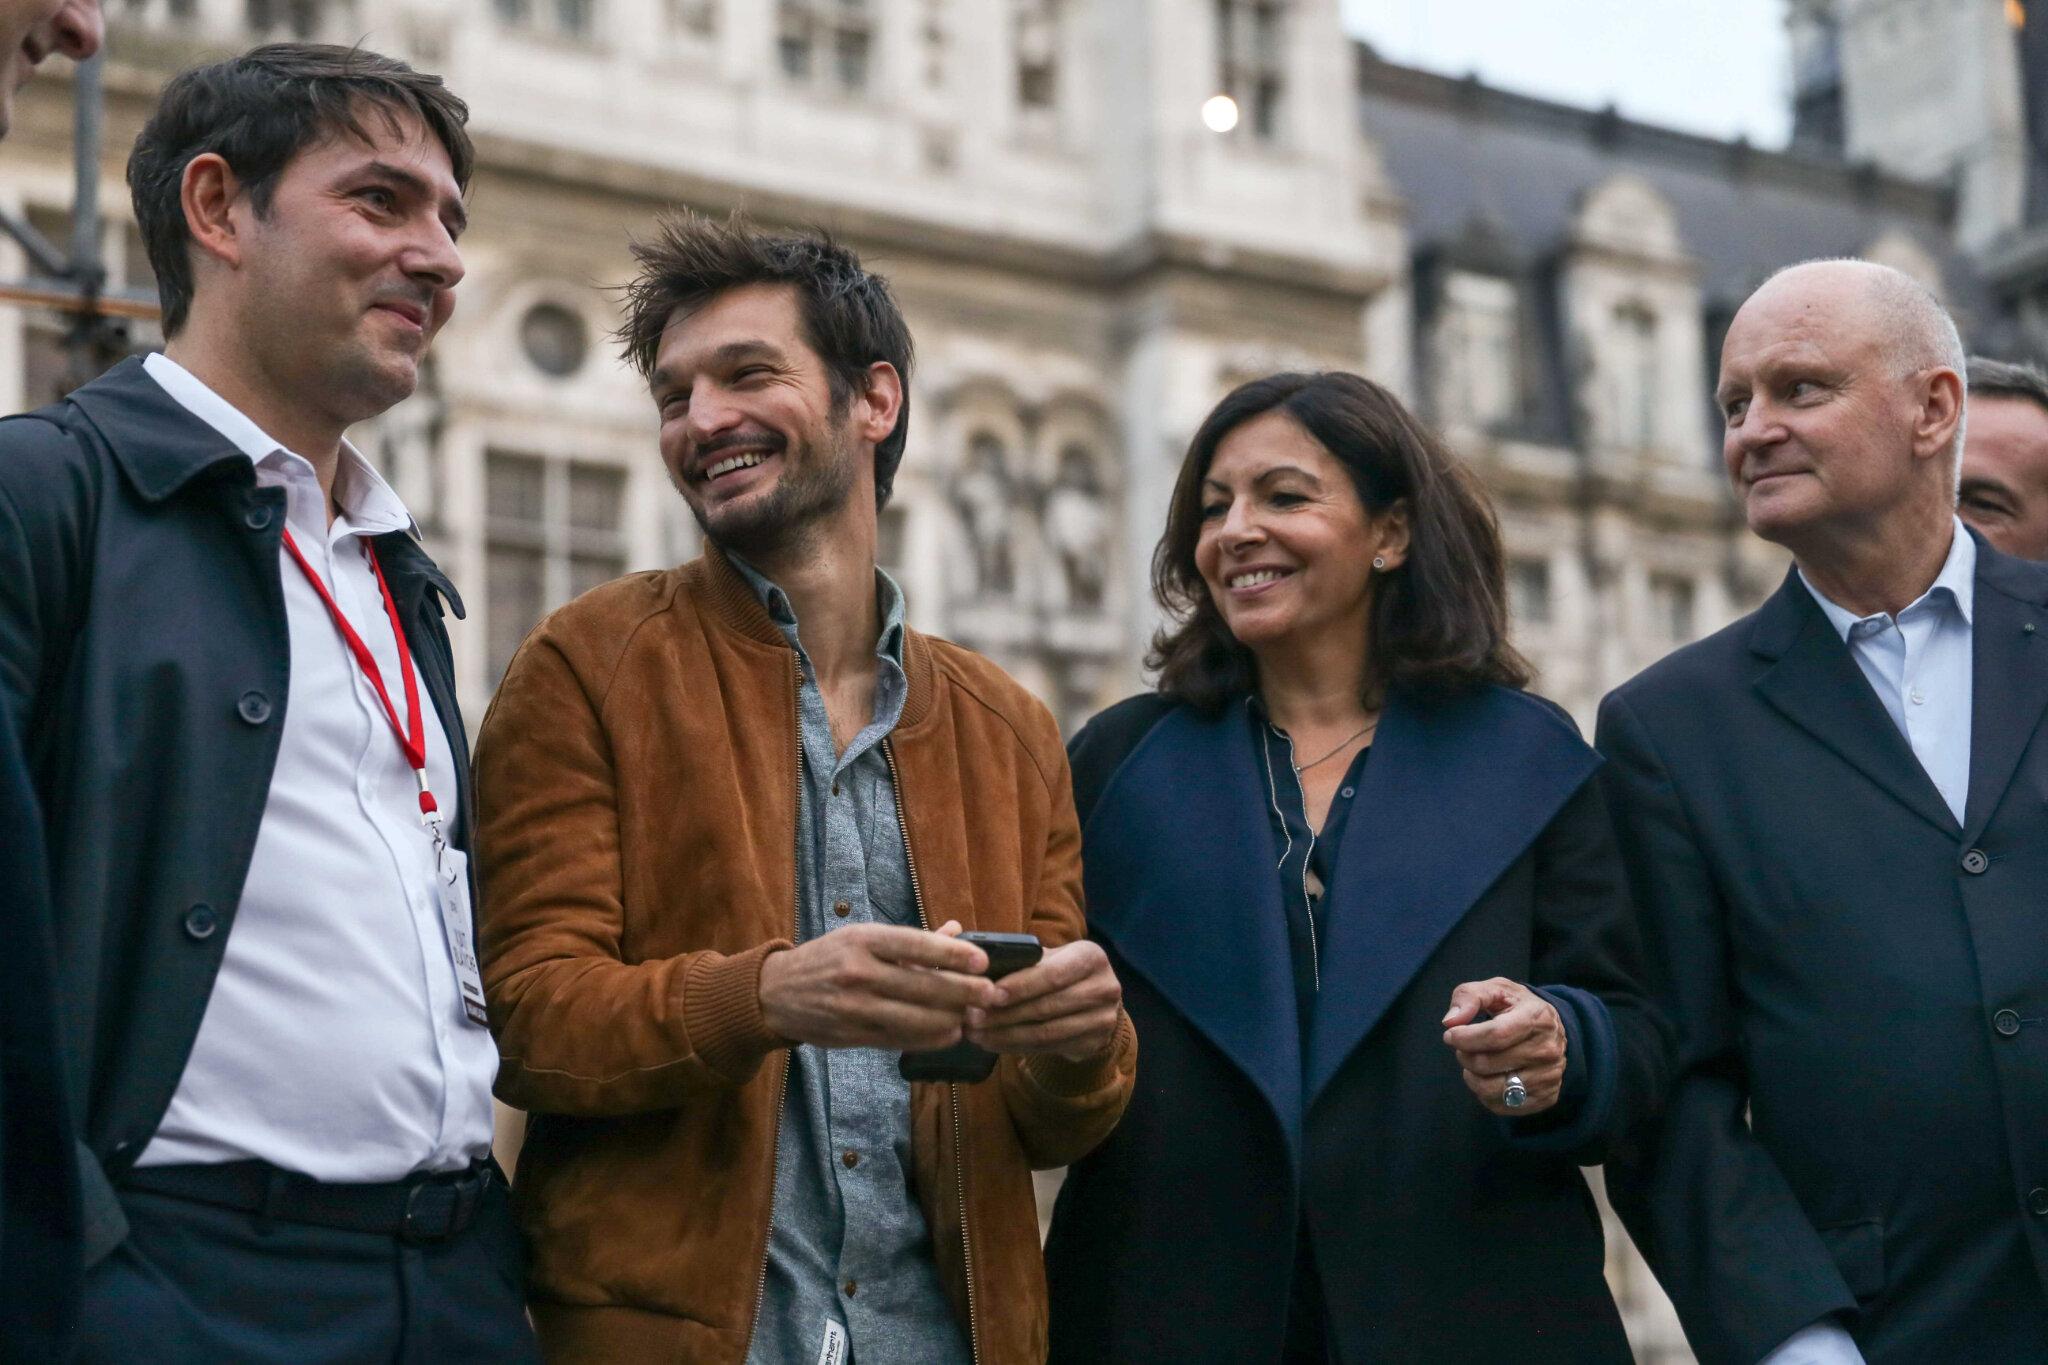 Nuit Blanche : Anne Hidalgo lance l'édition 2018 avec un fond de contestation. © Michel Stoupak. Sam 06.10.2018, 18h14m33.